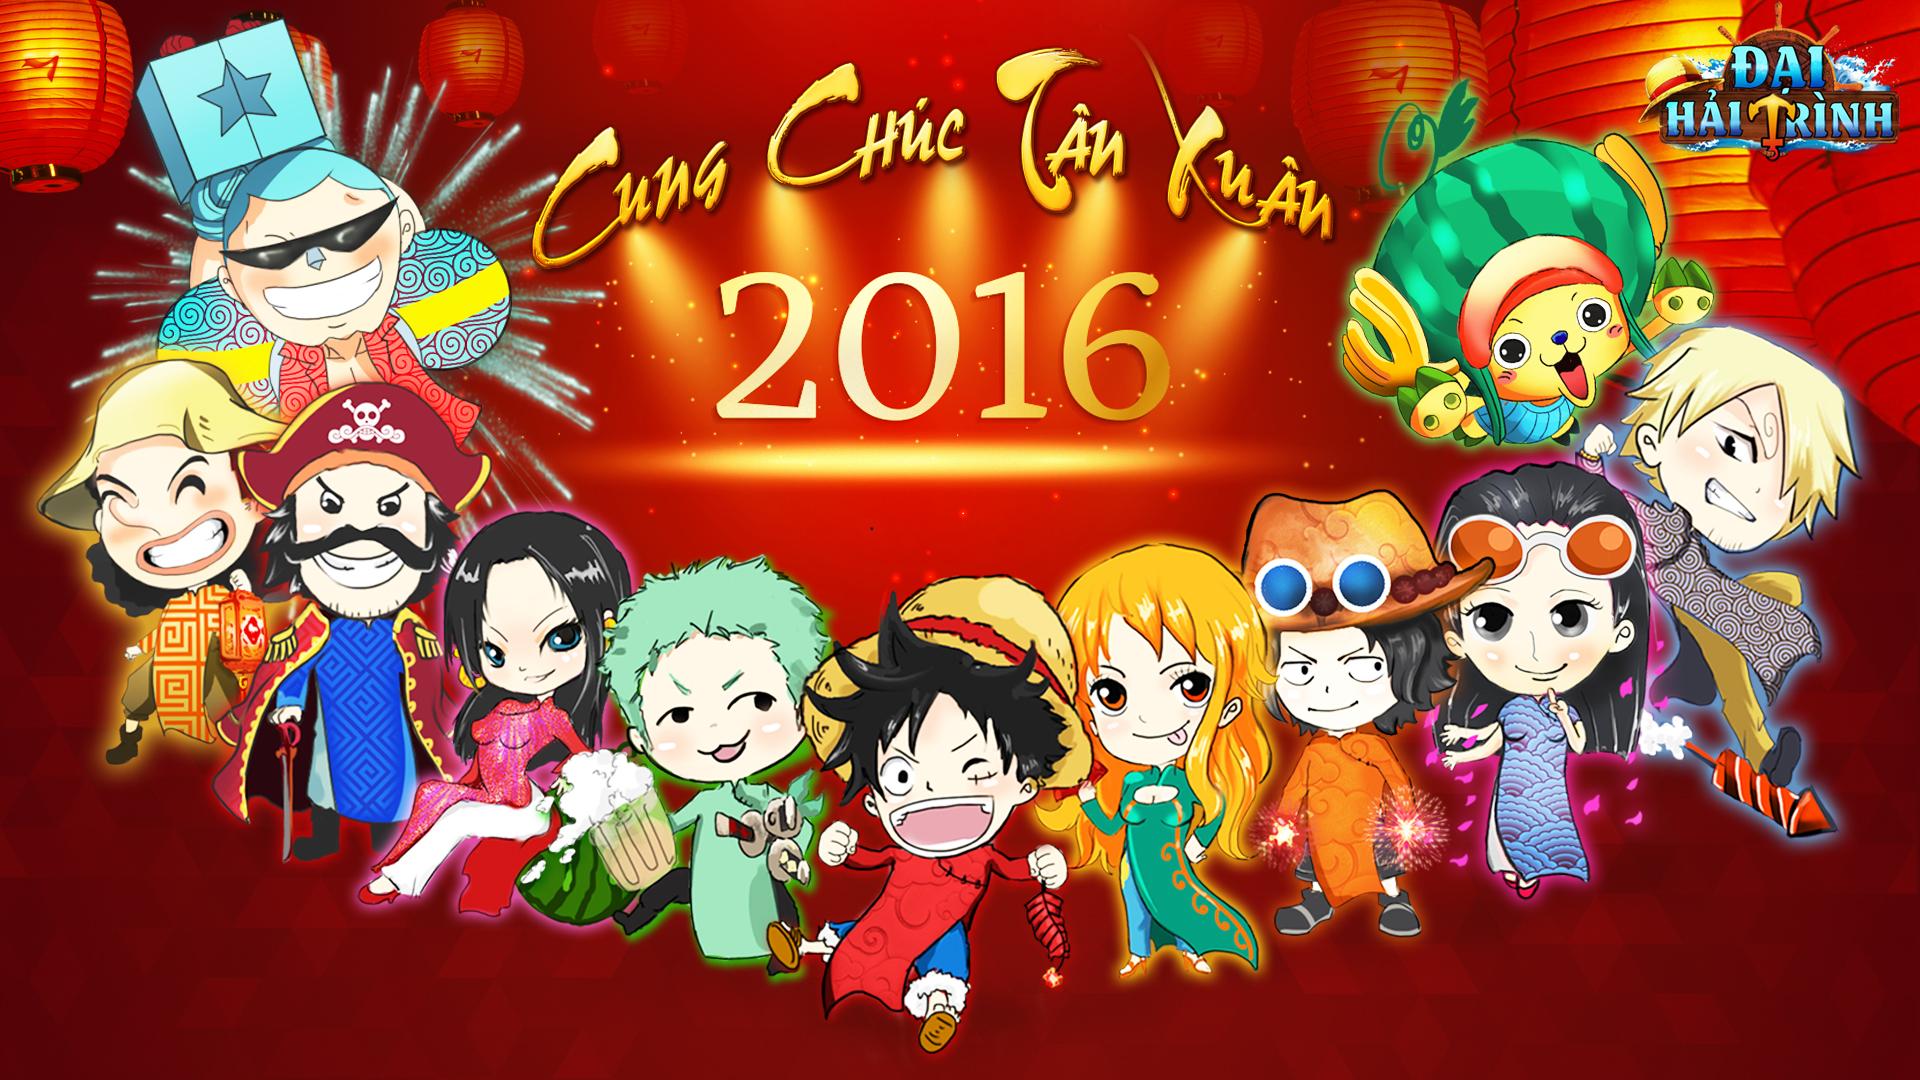 Tặng 515 giftcode game Đại Hải Trình 5